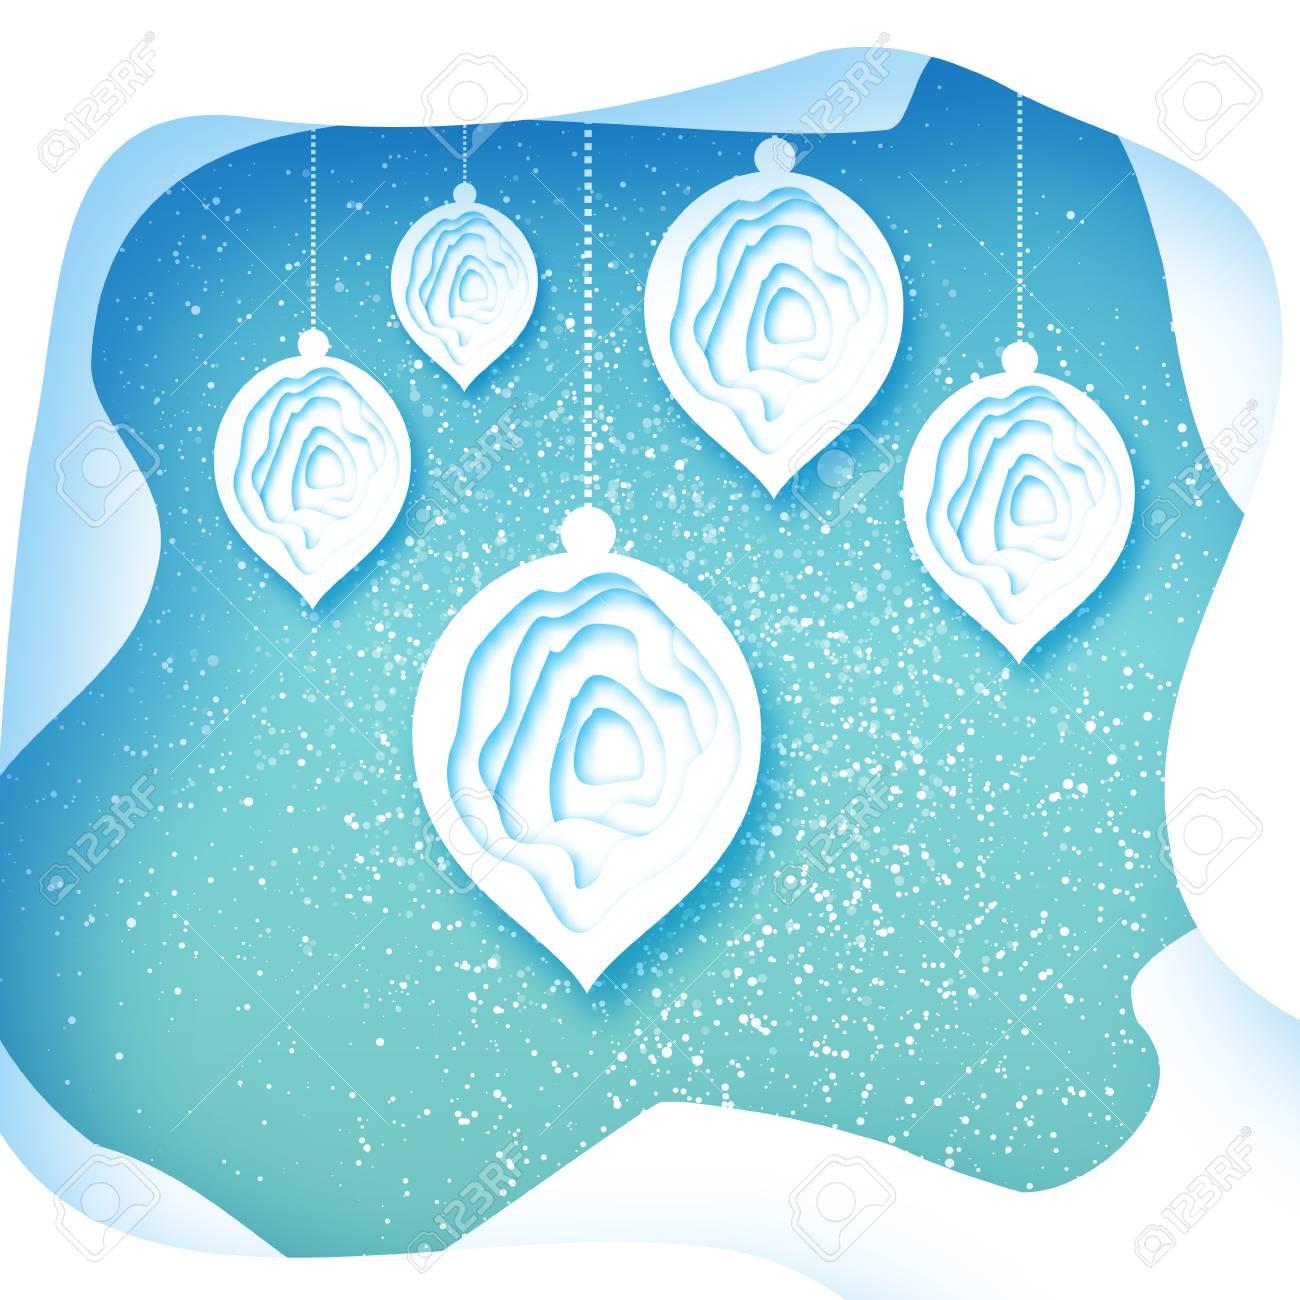 Weihnachten hintergrund geschichte